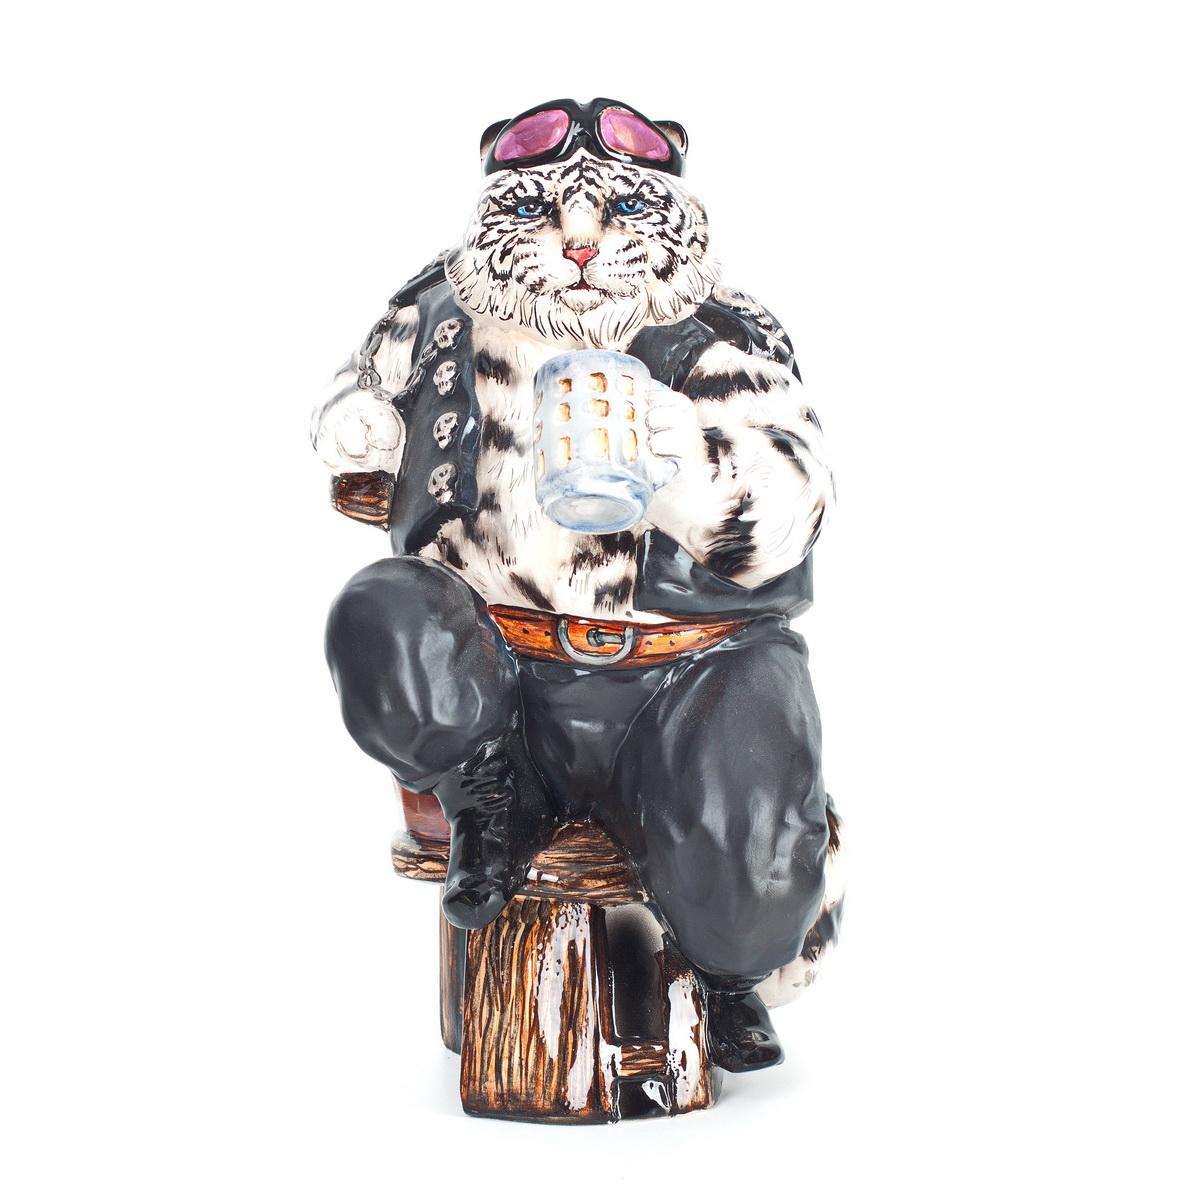 Керамическая статуэтка Белый тигр байкер. Авторская работа. ZORA. Россия. ZS-TIBW-28FO85003Керамическая статуэтка Белый тигр байкер. ZORA. Россия. Керамика Zora, ручная работа, ручная роспись, три обжига, смешанная техникаглазури, платина 13 %, драг, содержащий люстр на очках. Размер: 28 х 18 см. Сохранность хорошая. Внимание! Лимитированная серия! Отличный подарок для мужчины! Брутальный белый тигр - любитель красивыхженщин, пива и гонок. Три обжига, использование 13% платины на деталях одежды. Драгосодержащийлюстр на очках. Одежда полностью имитирует кожу.Эта статуэтка вызовет улыбку, поднимет настроение и украсит любой интерьер.